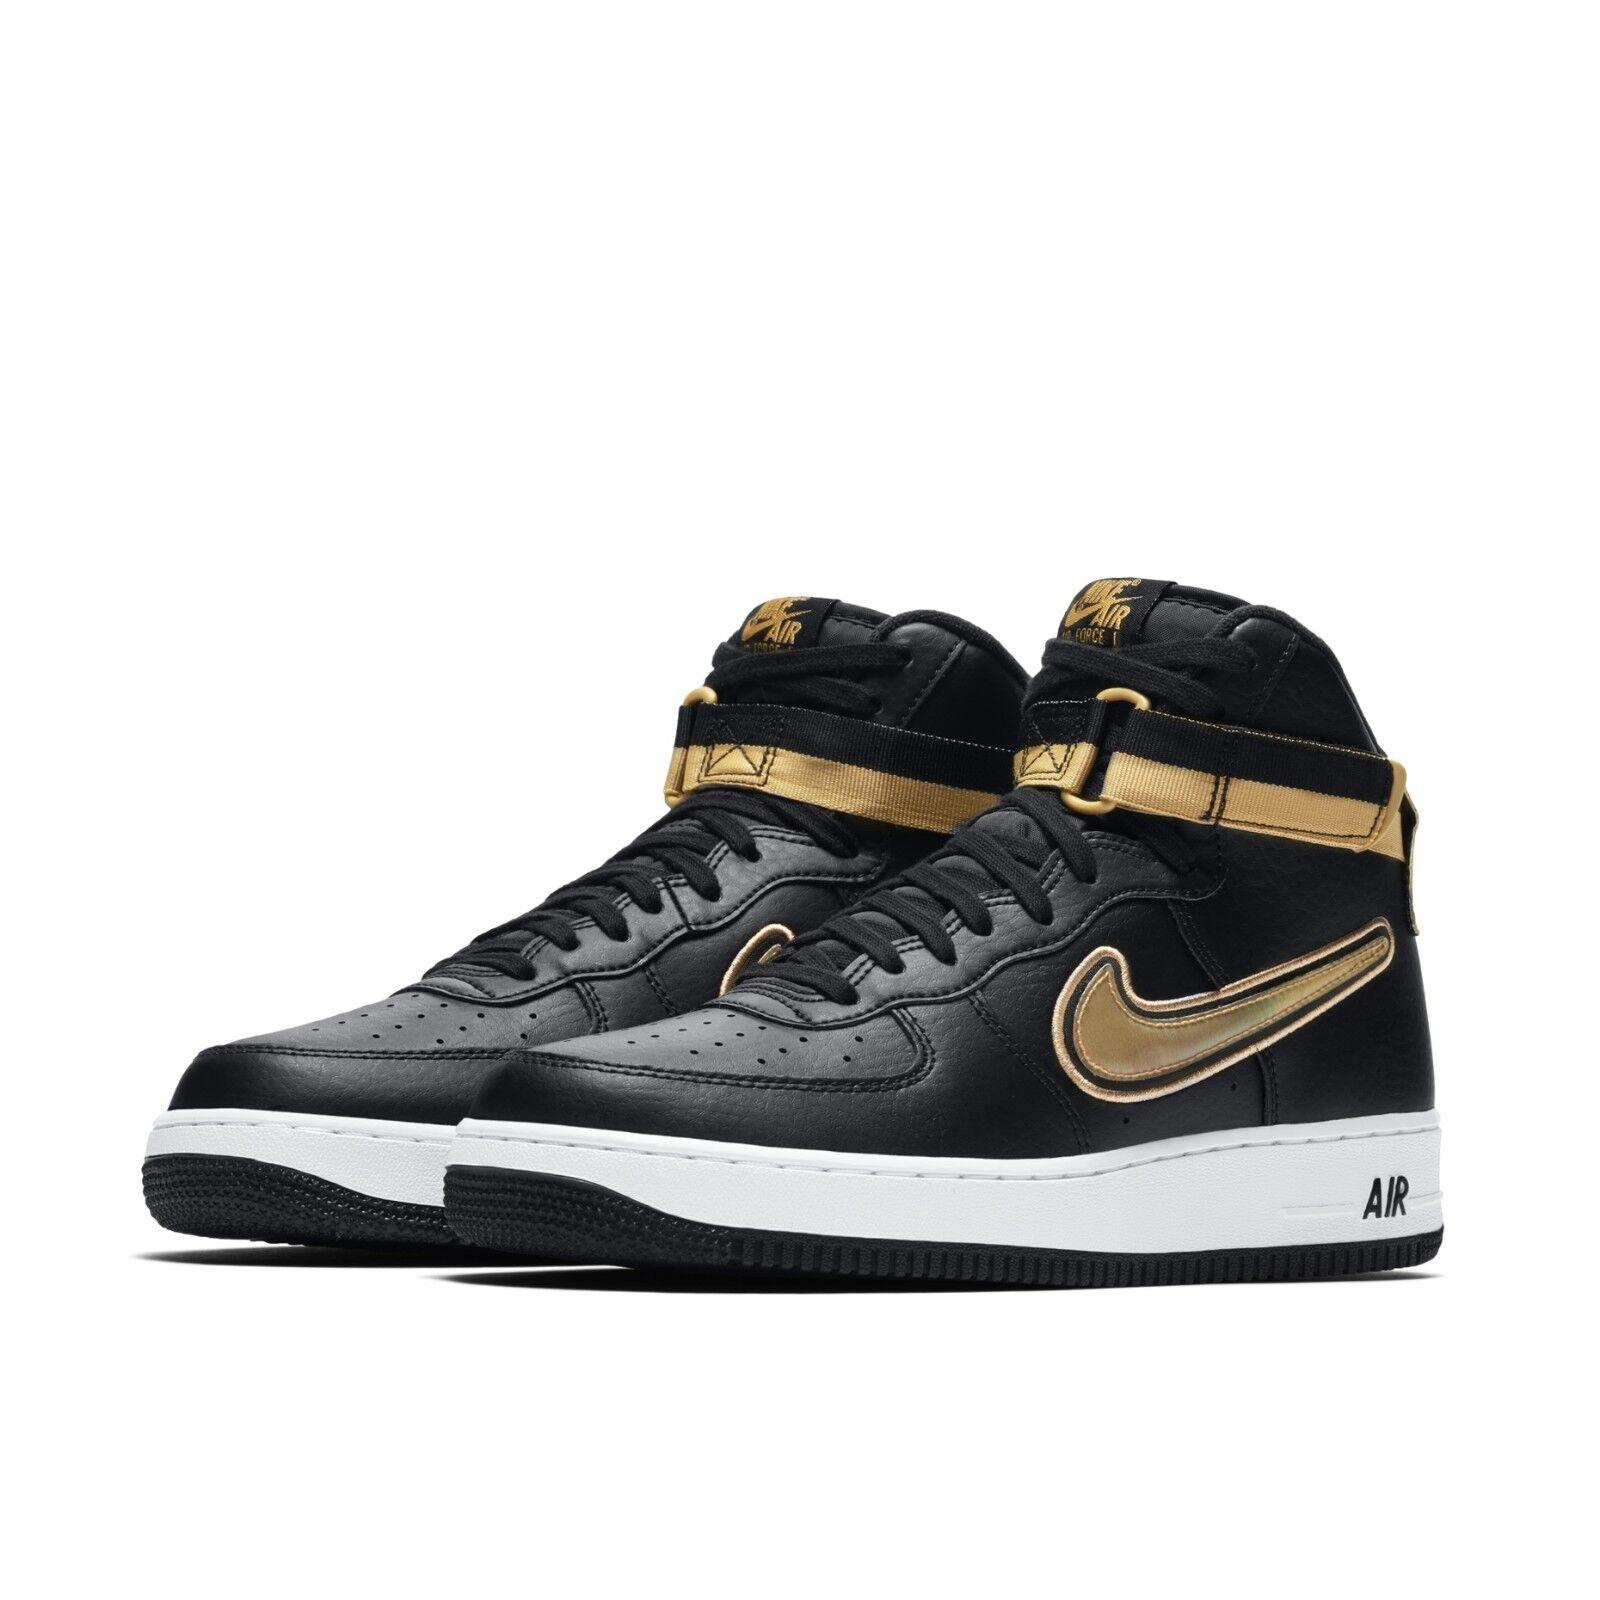 Details about Nike Mens Air Force 1 High 07 LV8 Sport AF1 NBA Black  Metallic Gold AV3938,001